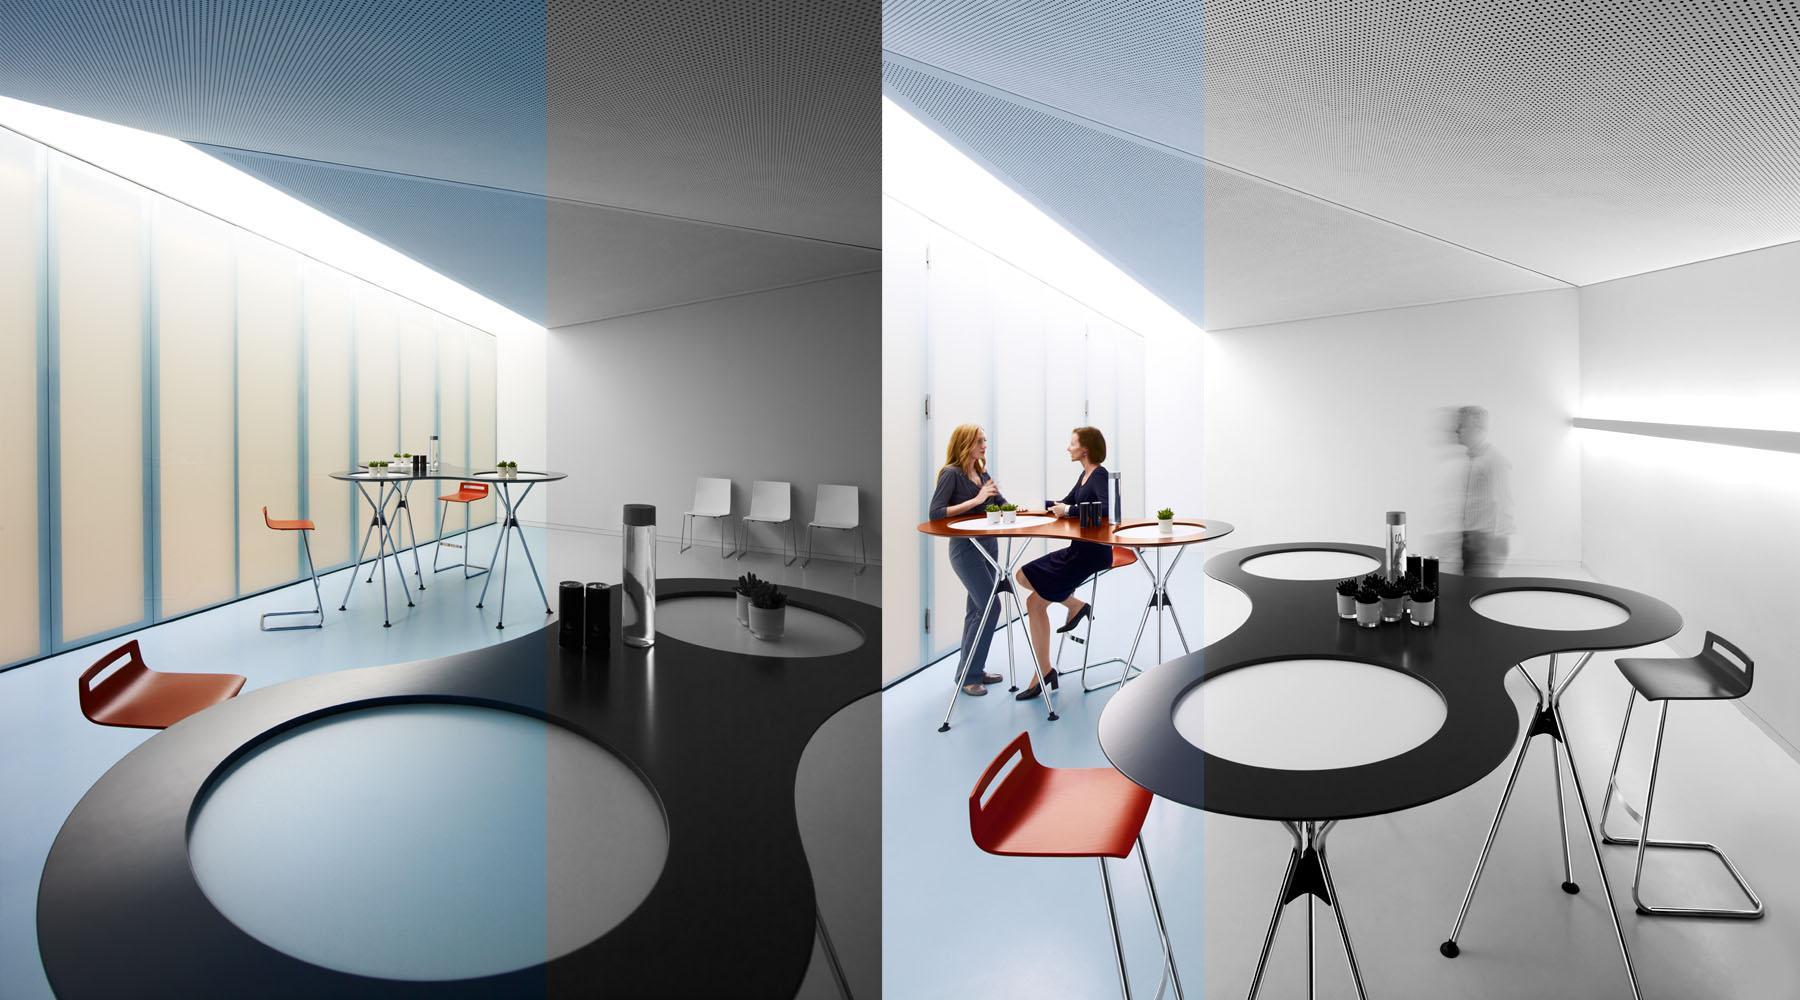 hammer mobilier de bureau photocopieur encaissement equipement bureautique dax pme. Black Bedroom Furniture Sets. Home Design Ideas